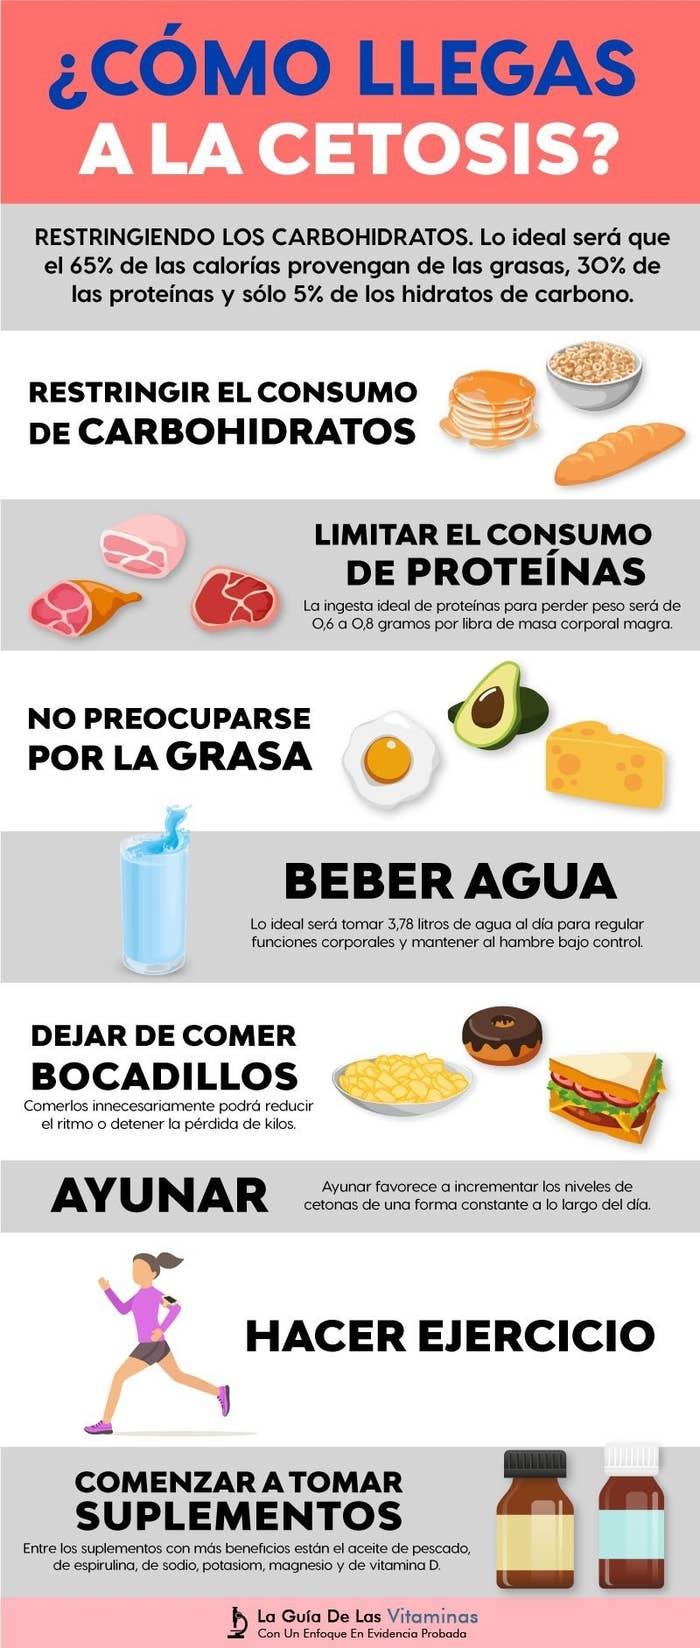 ¿Qué veges puedes comer con la dieta ceto?